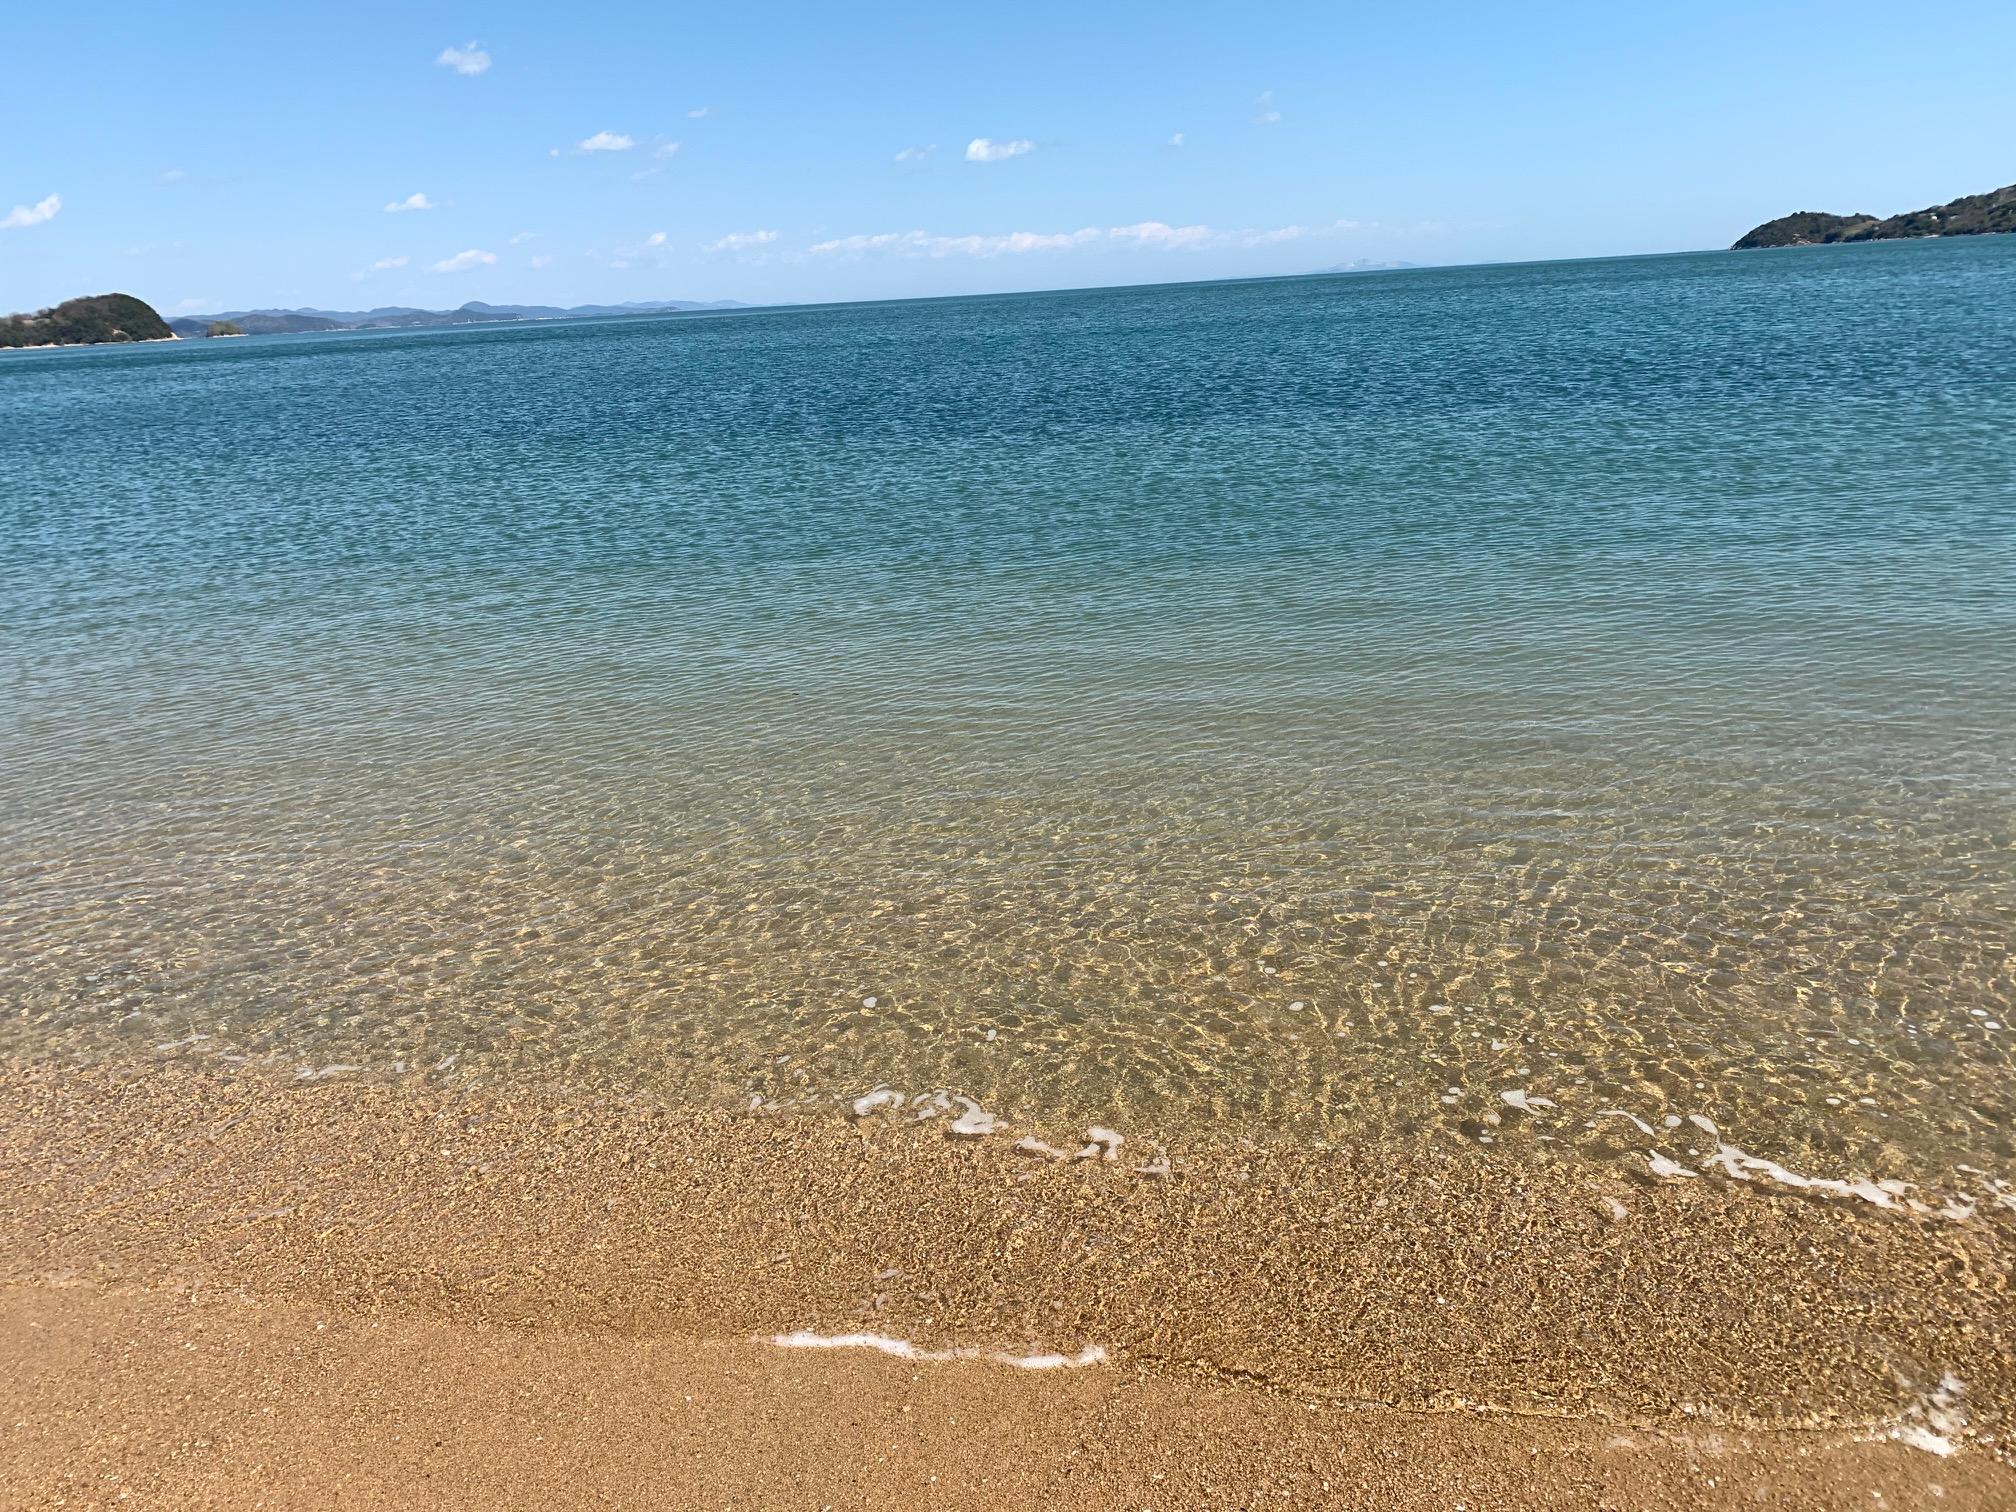 天気のいい日は日本のエーゲ海へGO!